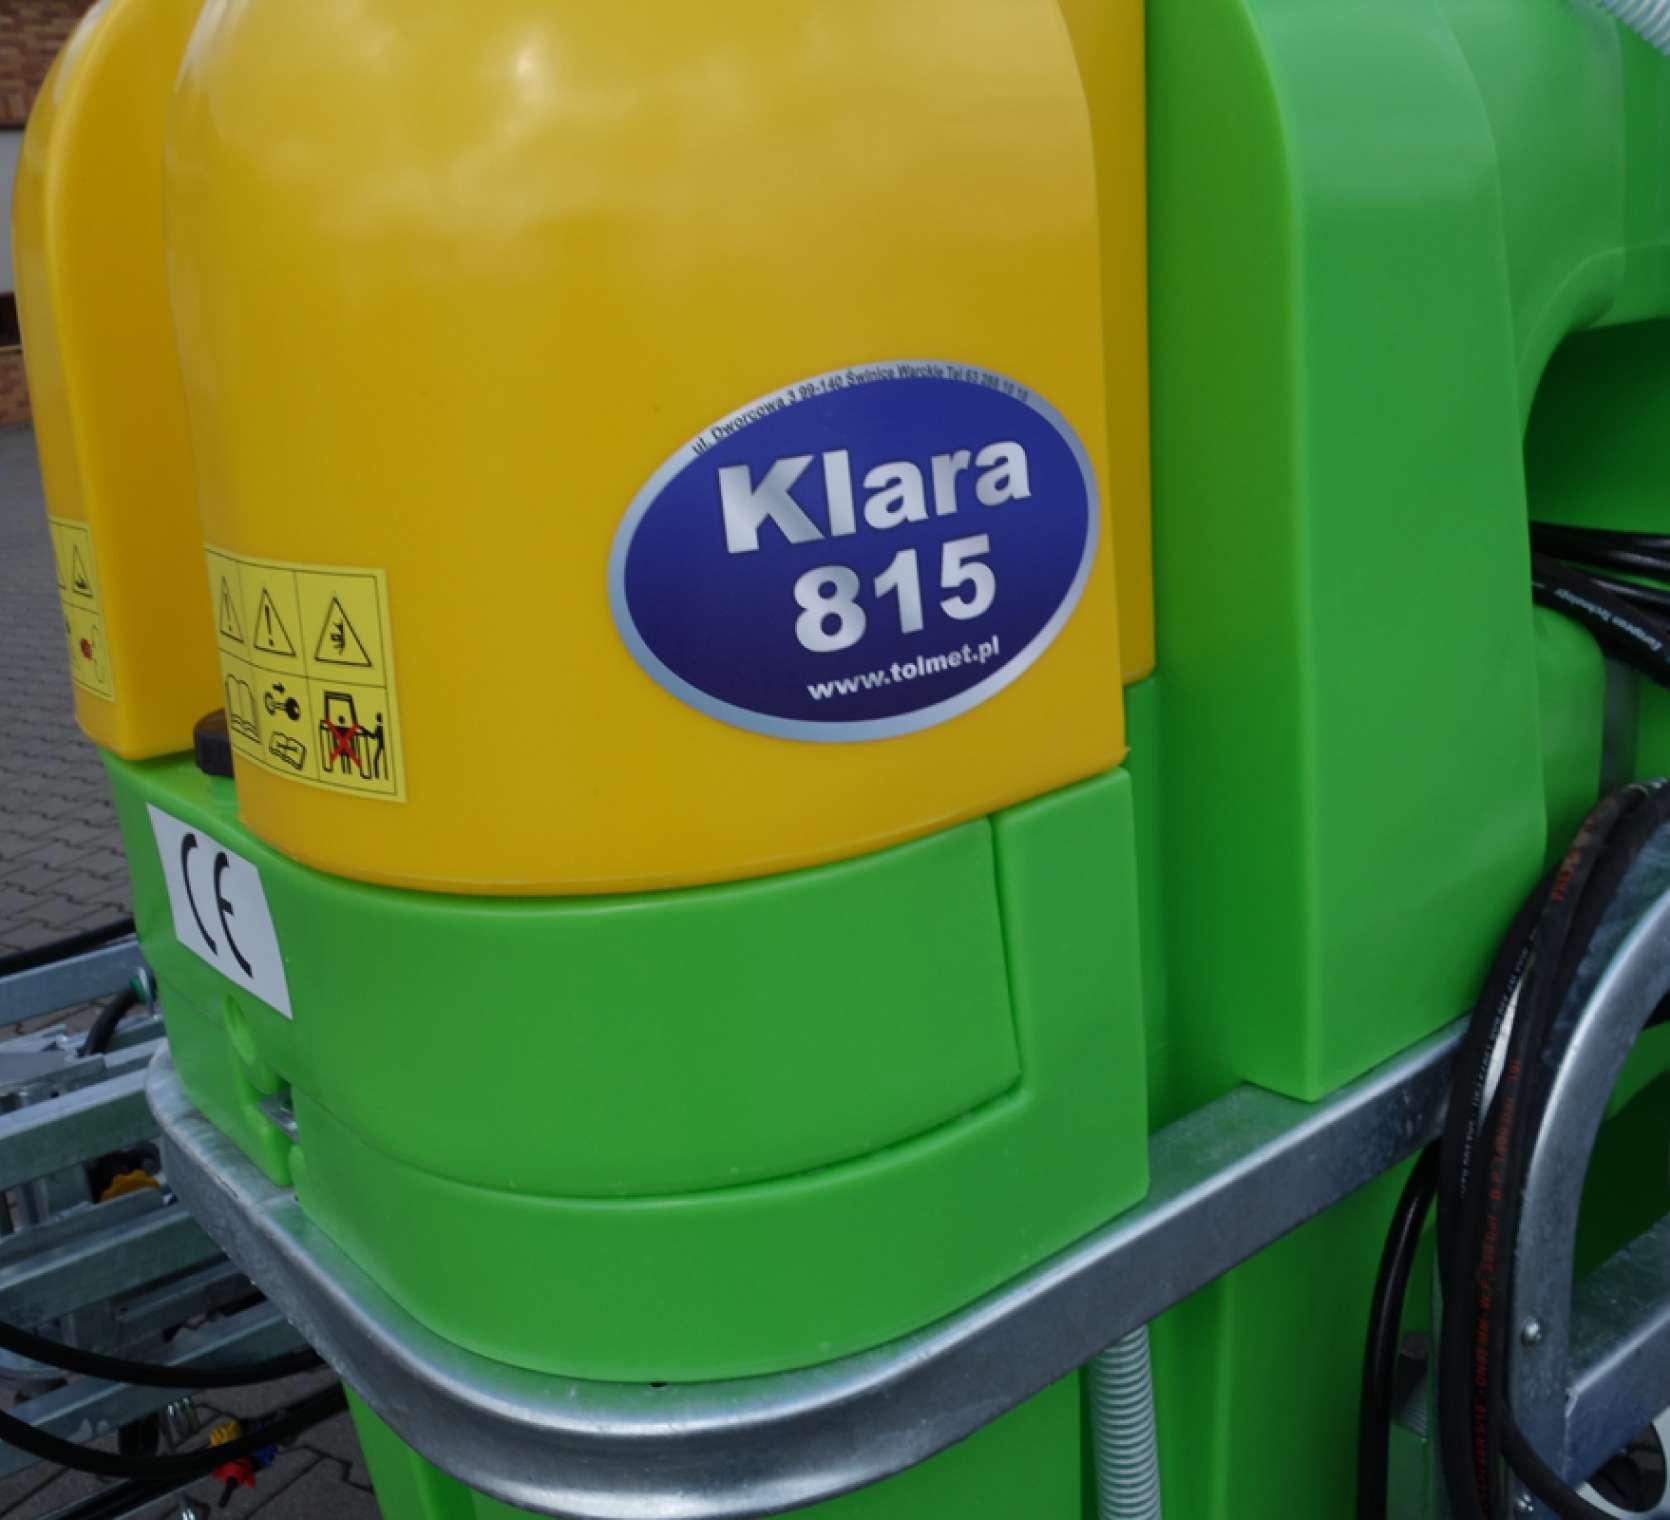 Opryskiwacz Tolmet Klara 815 na tle firmy korbanek rozwadniacz boczny środki ochrony roślin